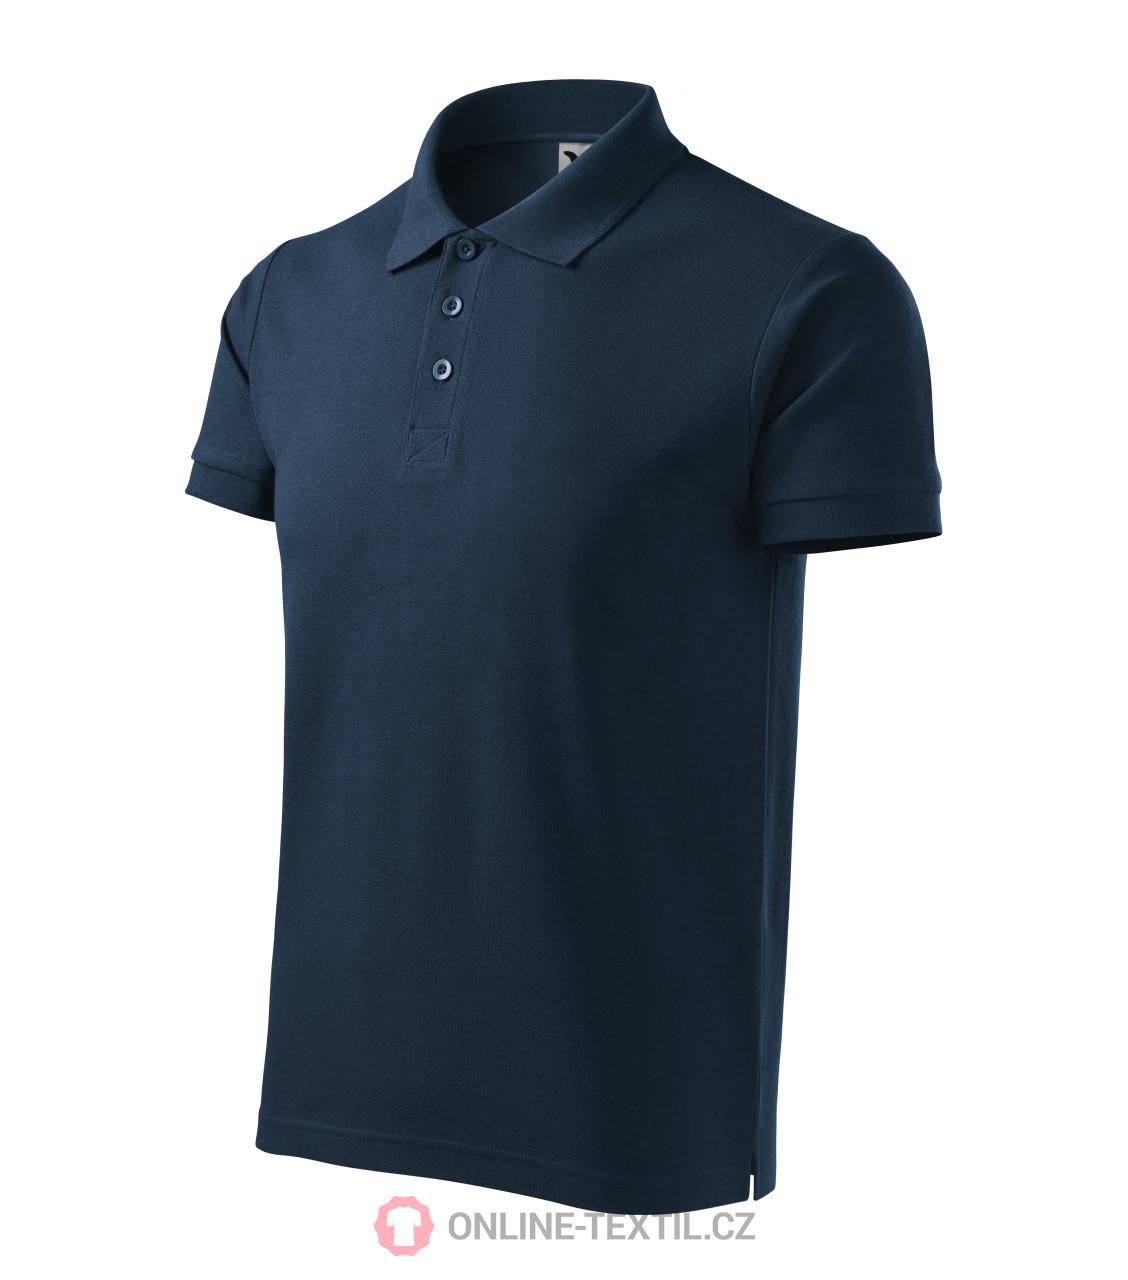 ADLER CZECH Bavlněná pánská polokošile Cotton 212 - námořní modrá z ... ae256522a3